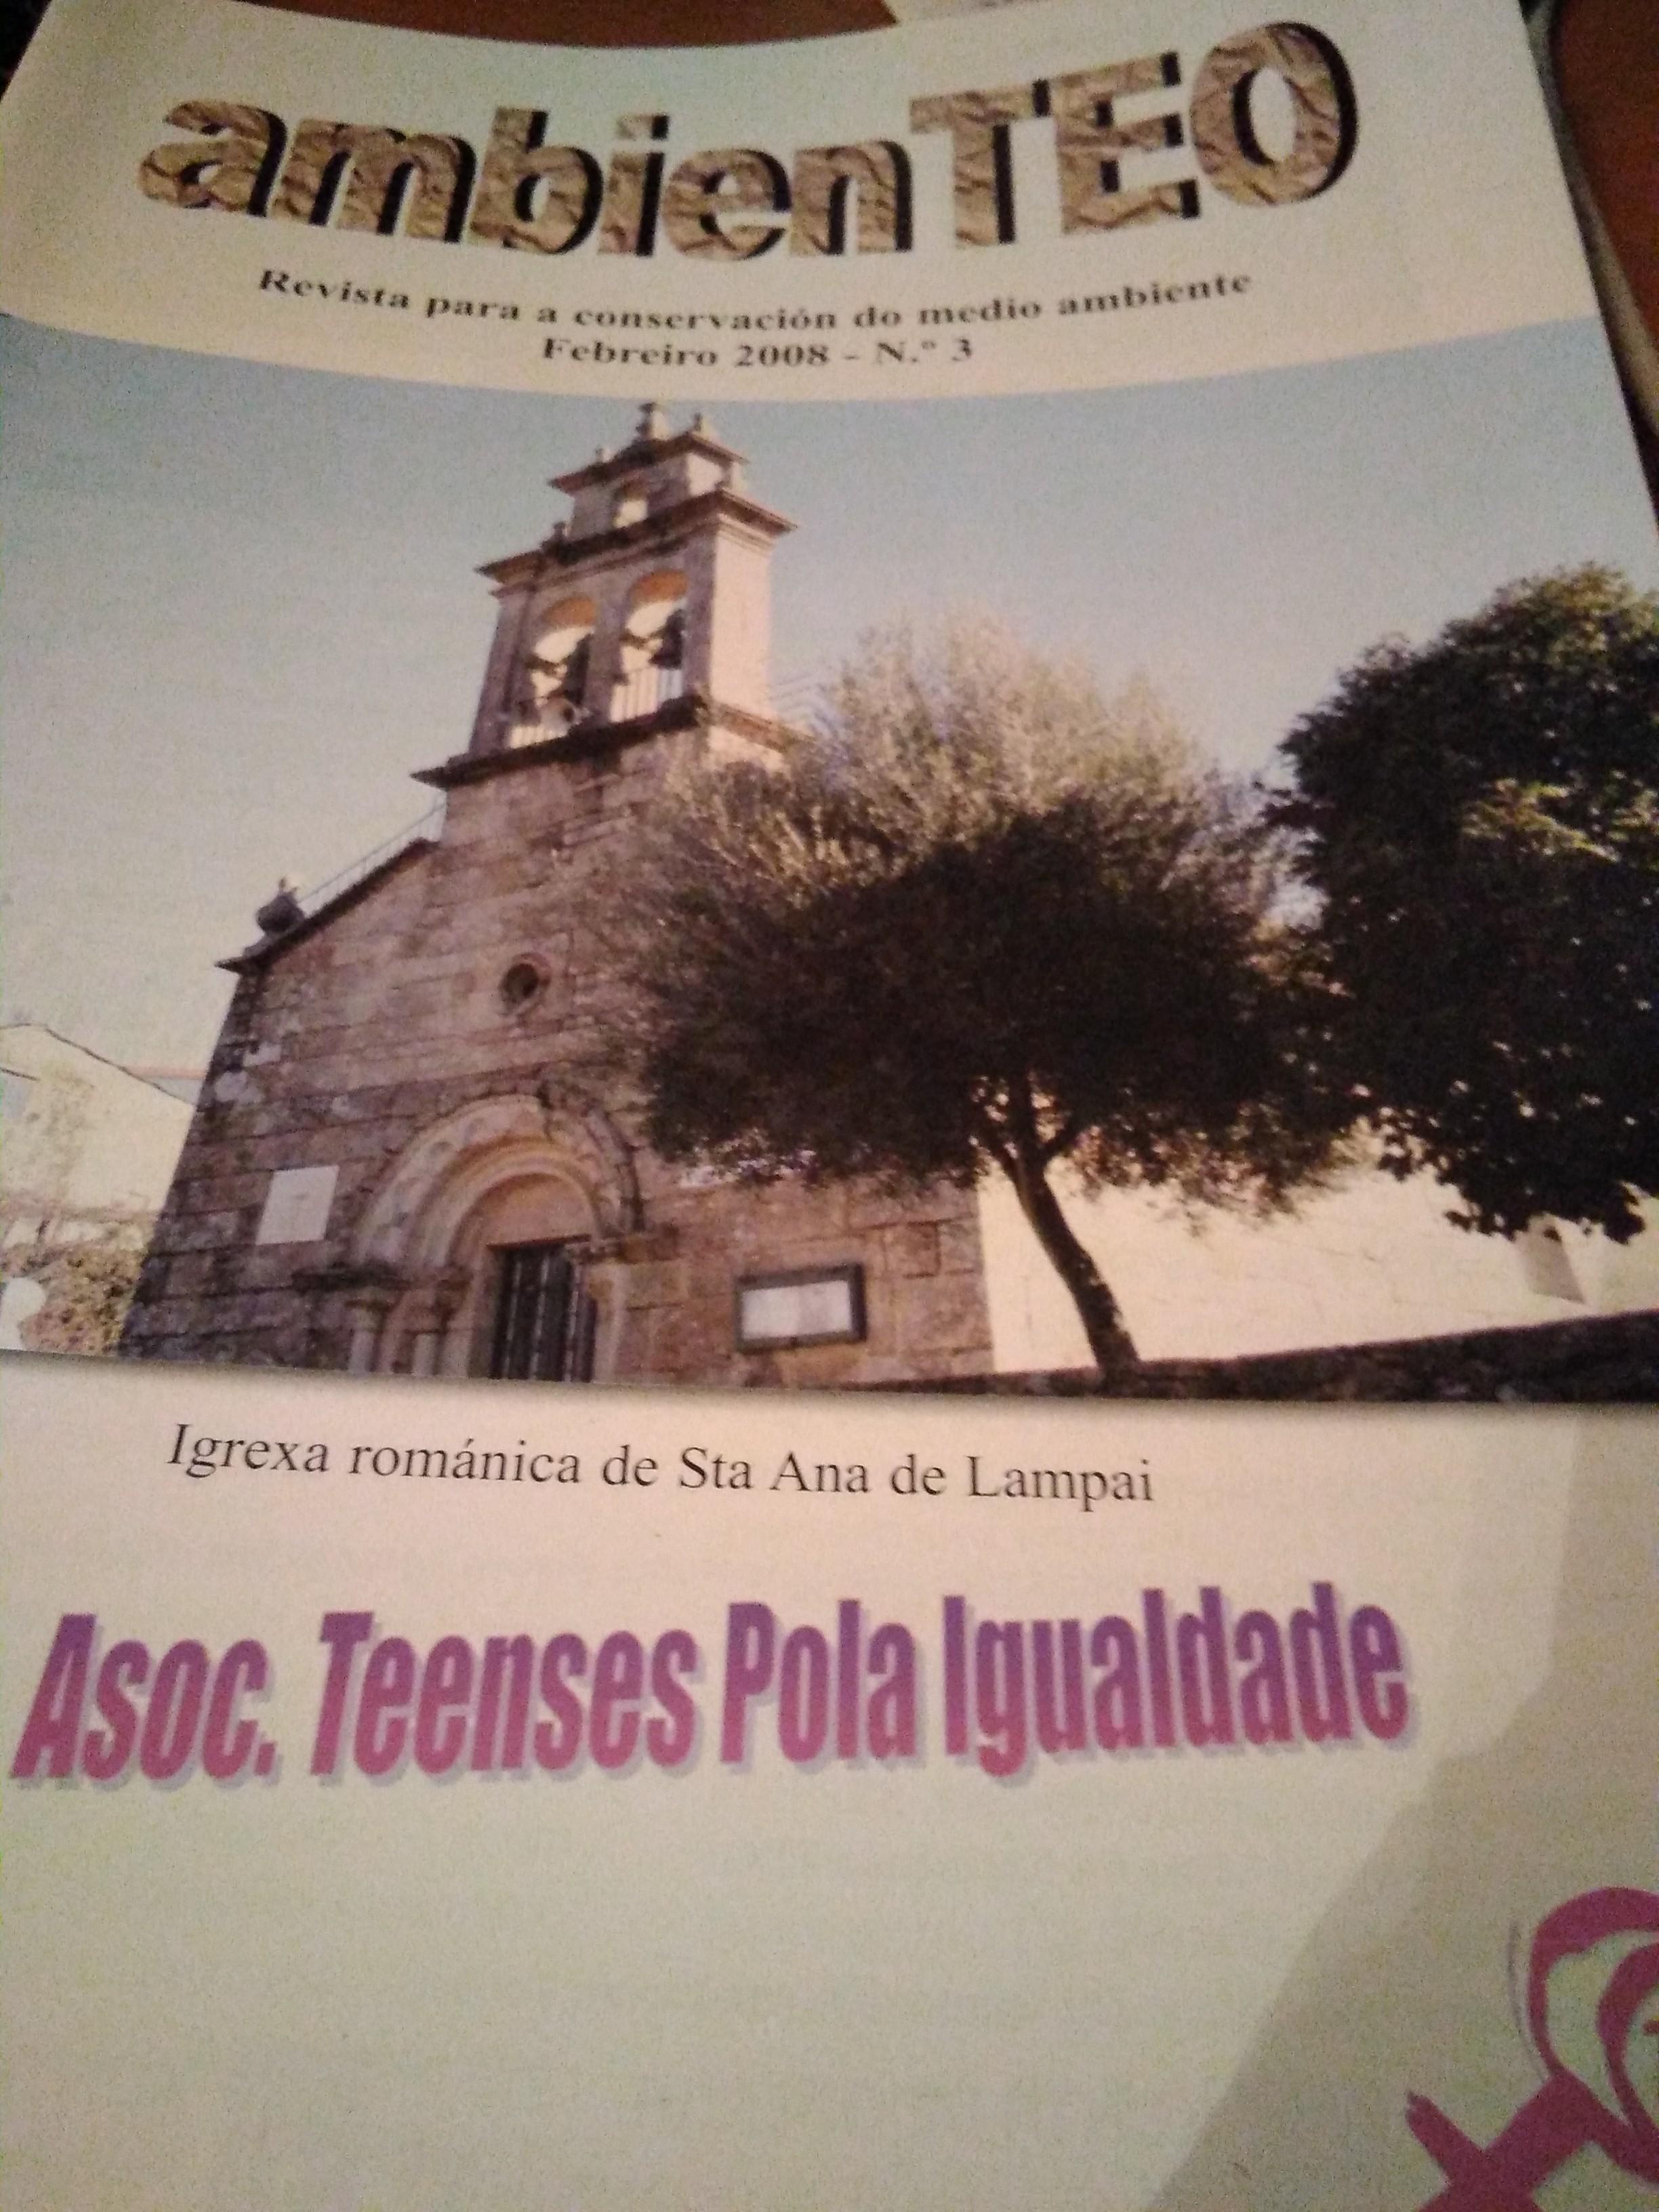 AMBIENTEO PRESENTE EN EL TIEMPO